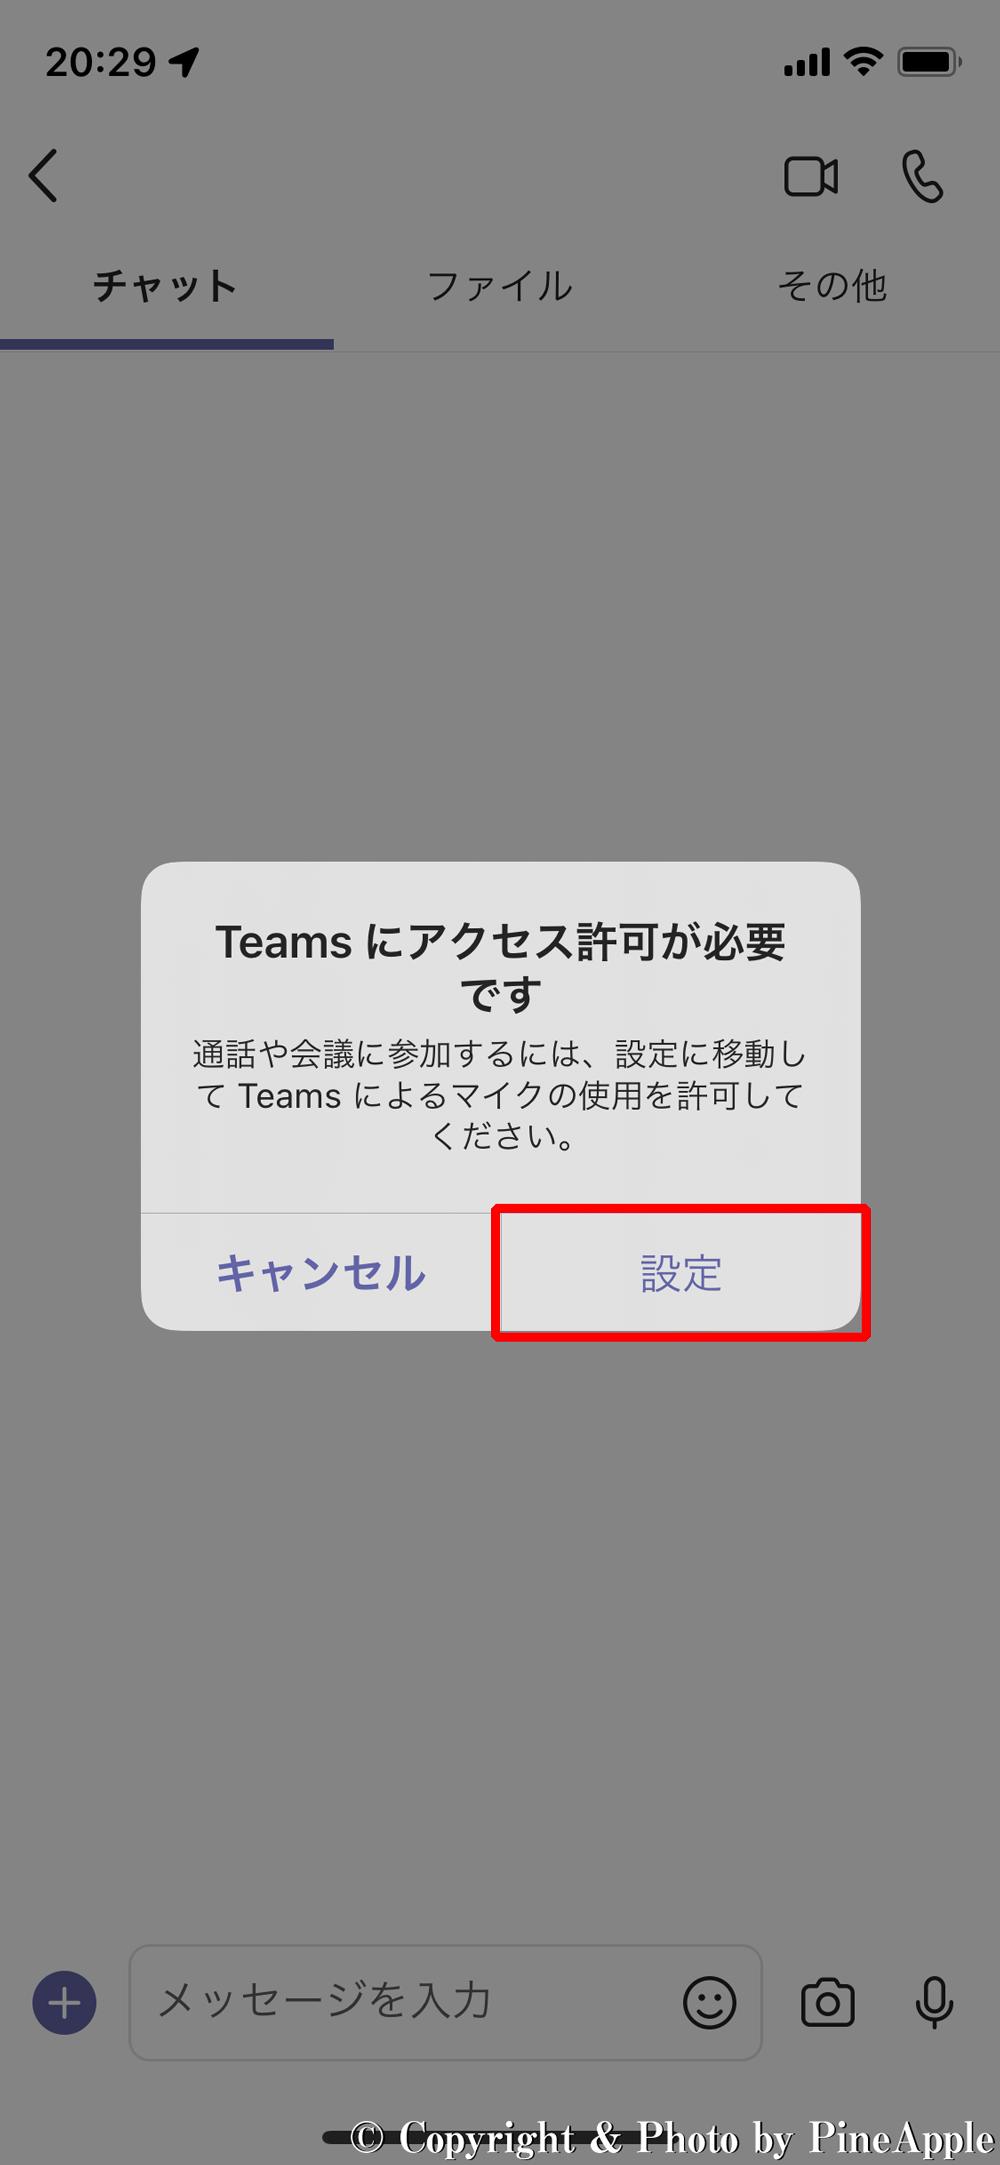 """Microsoft Teams:エラー メッセージ """"Teams にアクセス許可が必要です 通話を発信および受信するには、[設定] に移動して Teams によるネットワークへのアクセスを許可します"""" と表示されたら、[設定] をタップします。"""